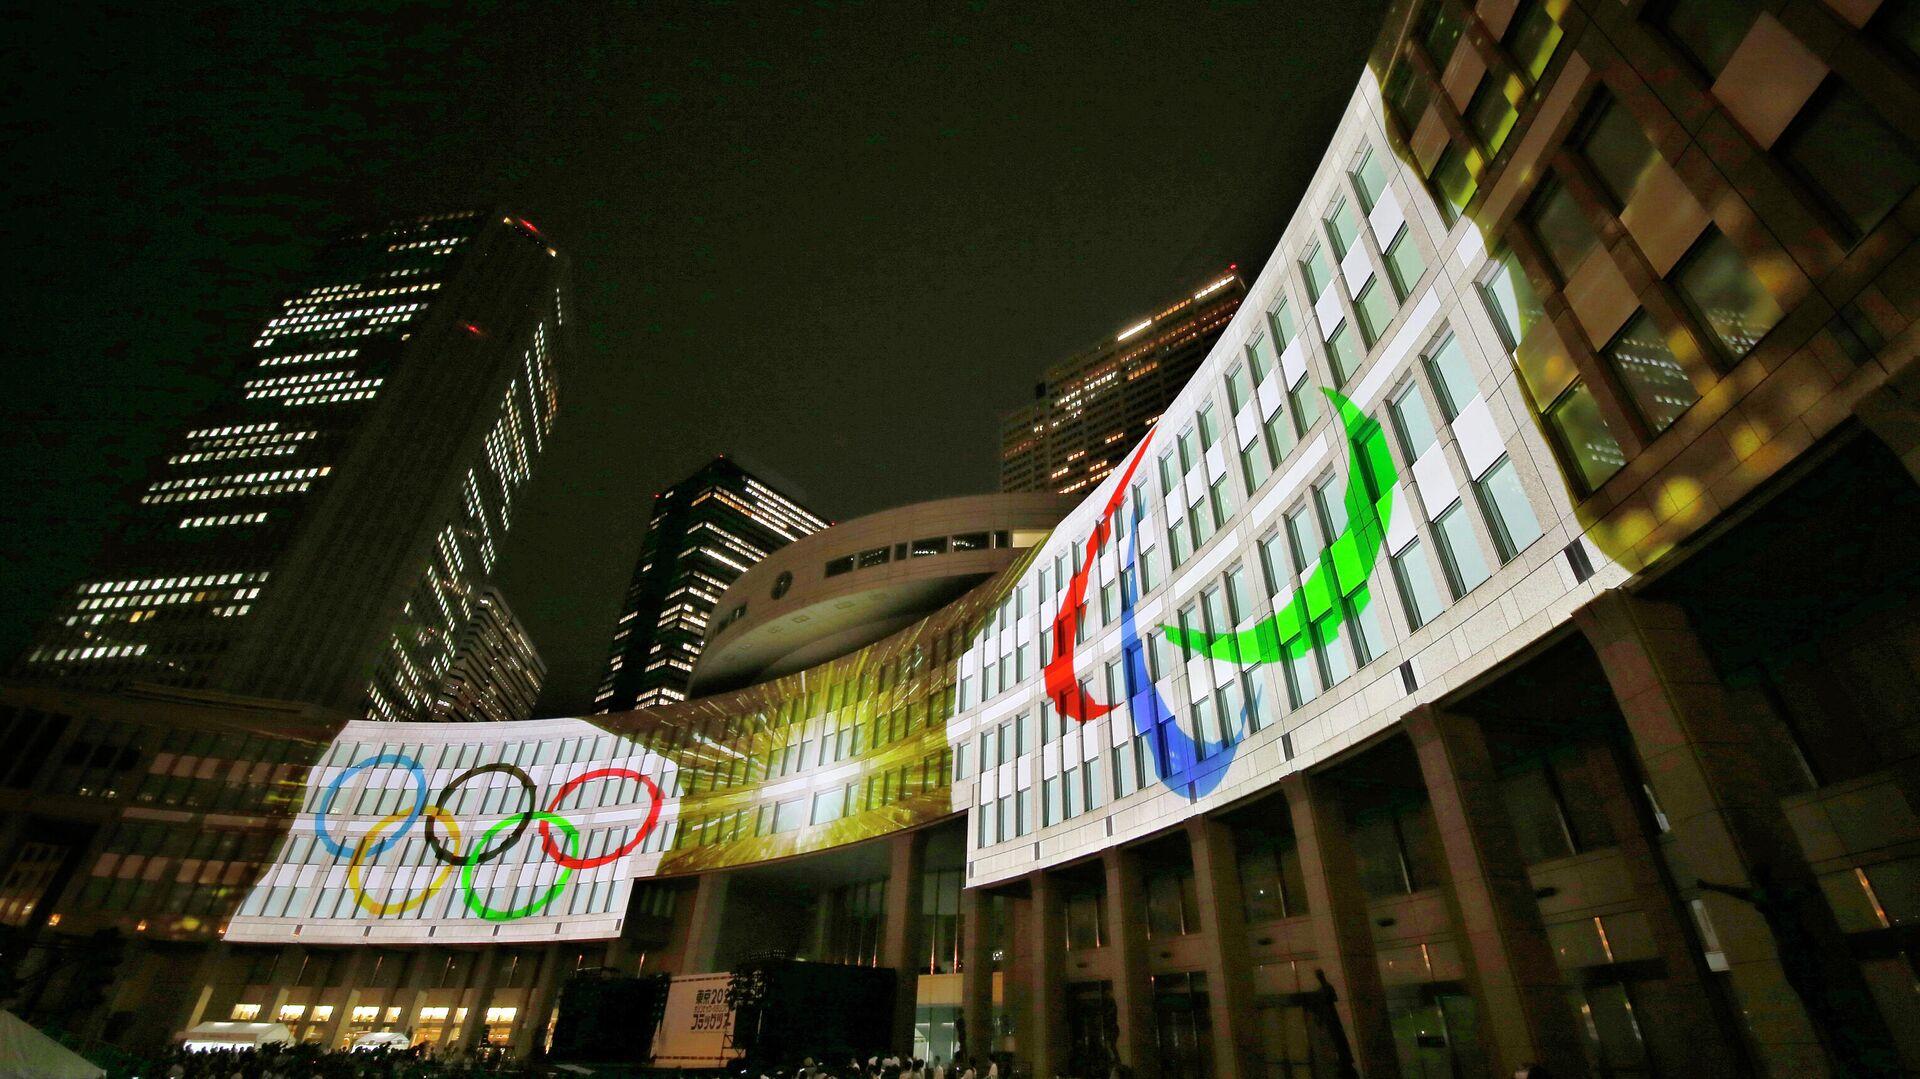 Символика Олимпийских игр в Токио - РИА Новости, 1920, 14.03.2021